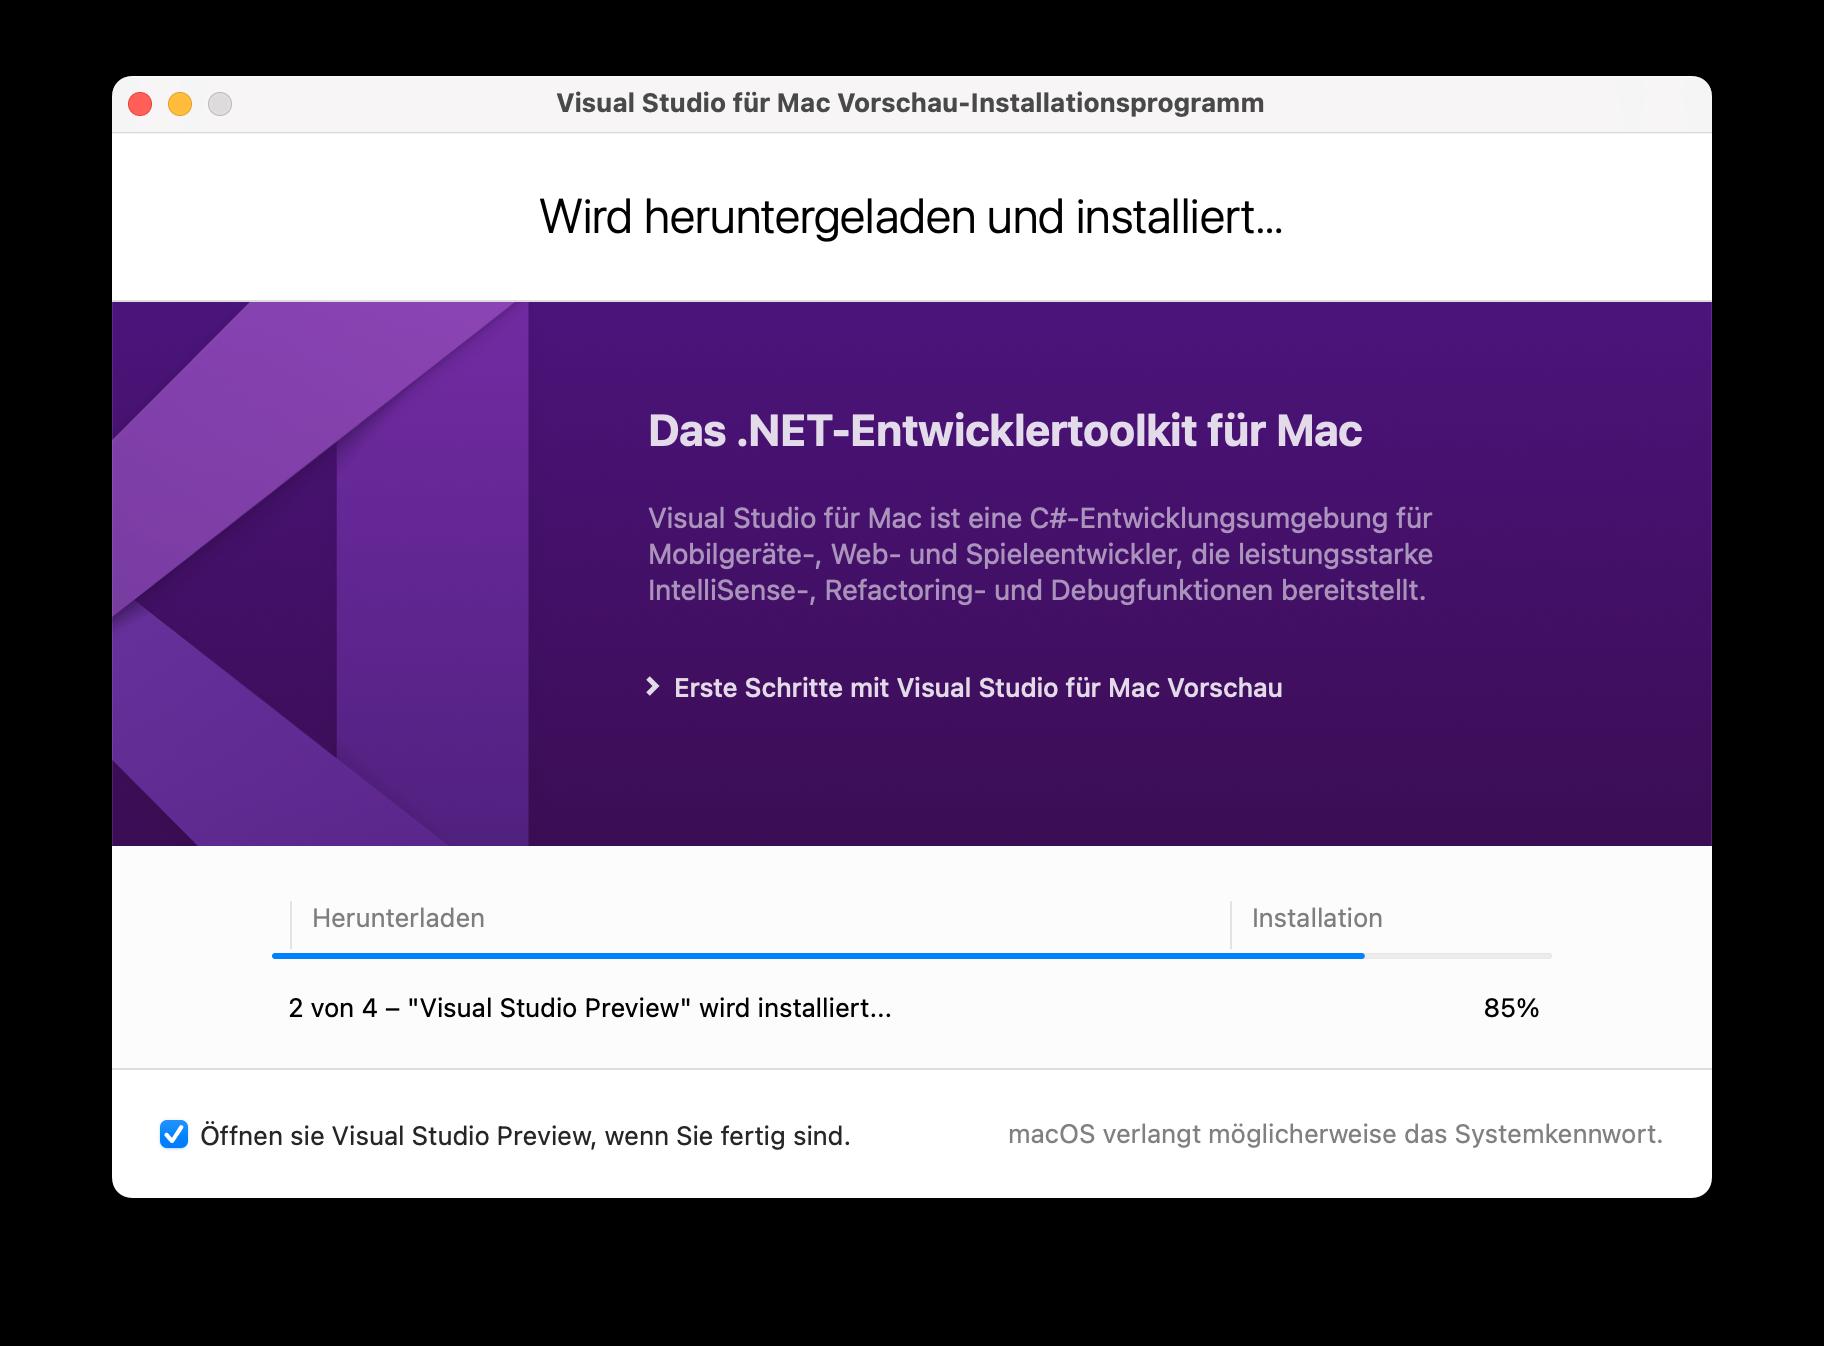 Visual Studio für Mac herunterladen